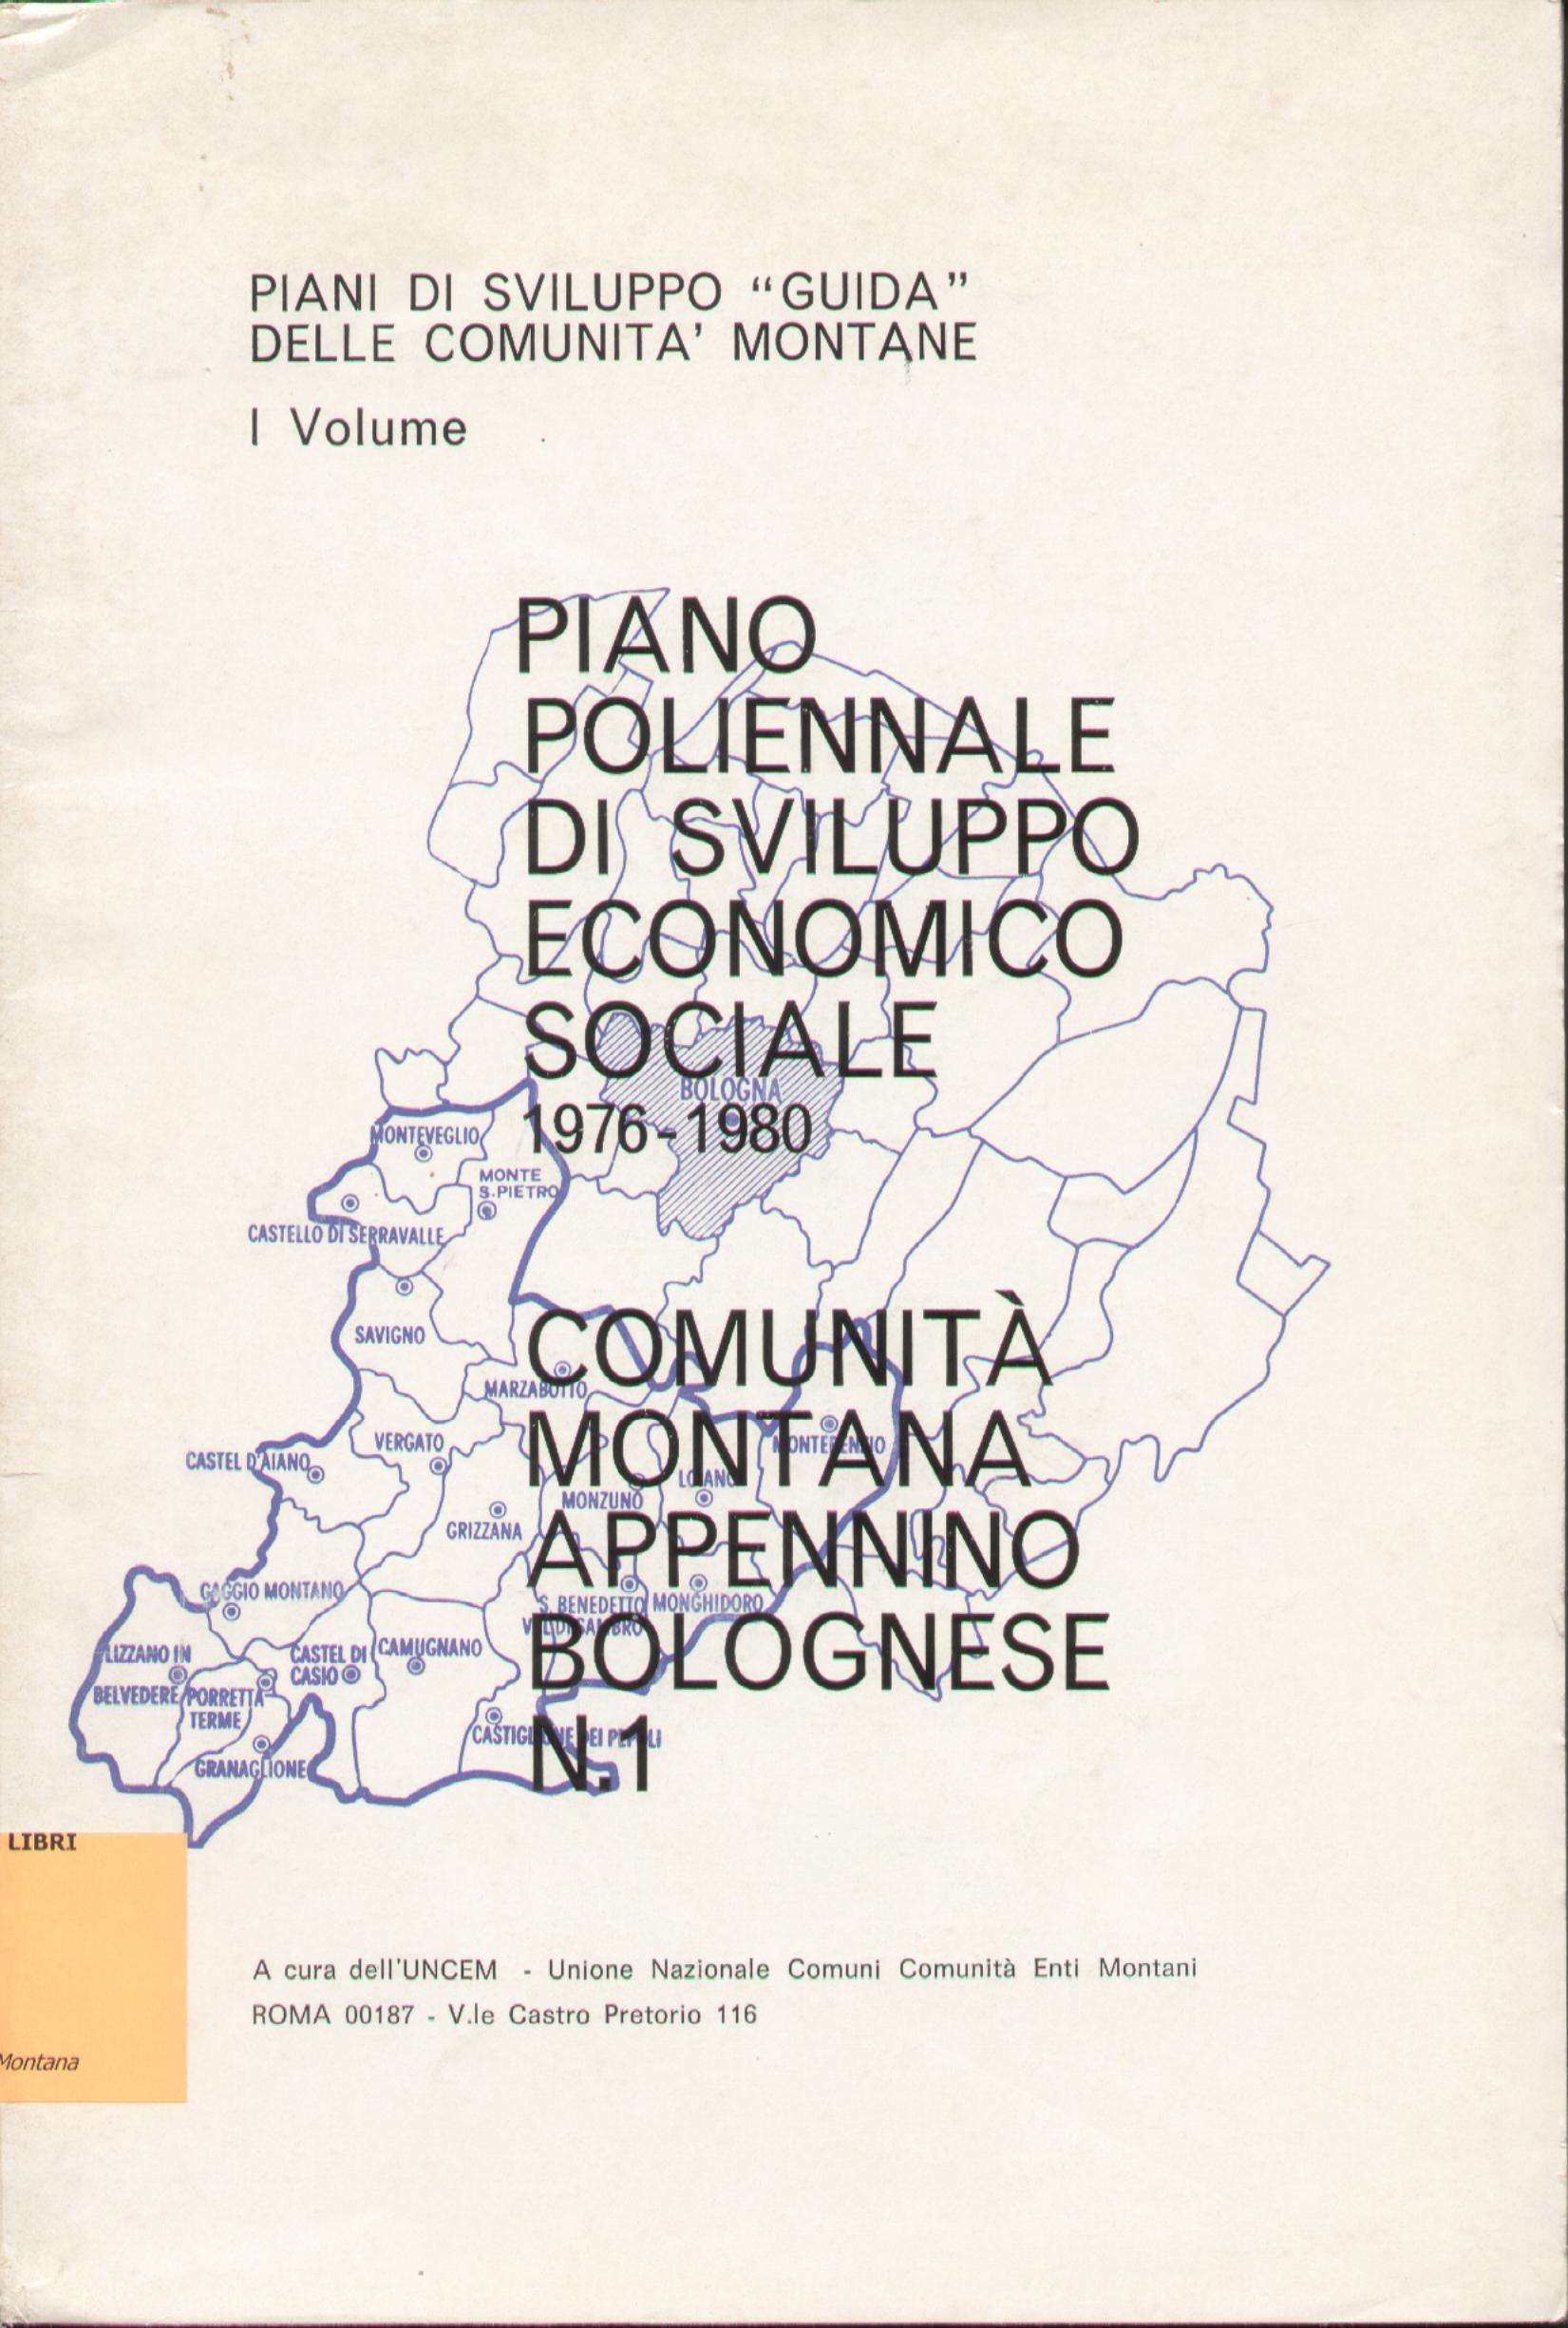 Piano di sviluppo guida delle comunità montane - vol. 1